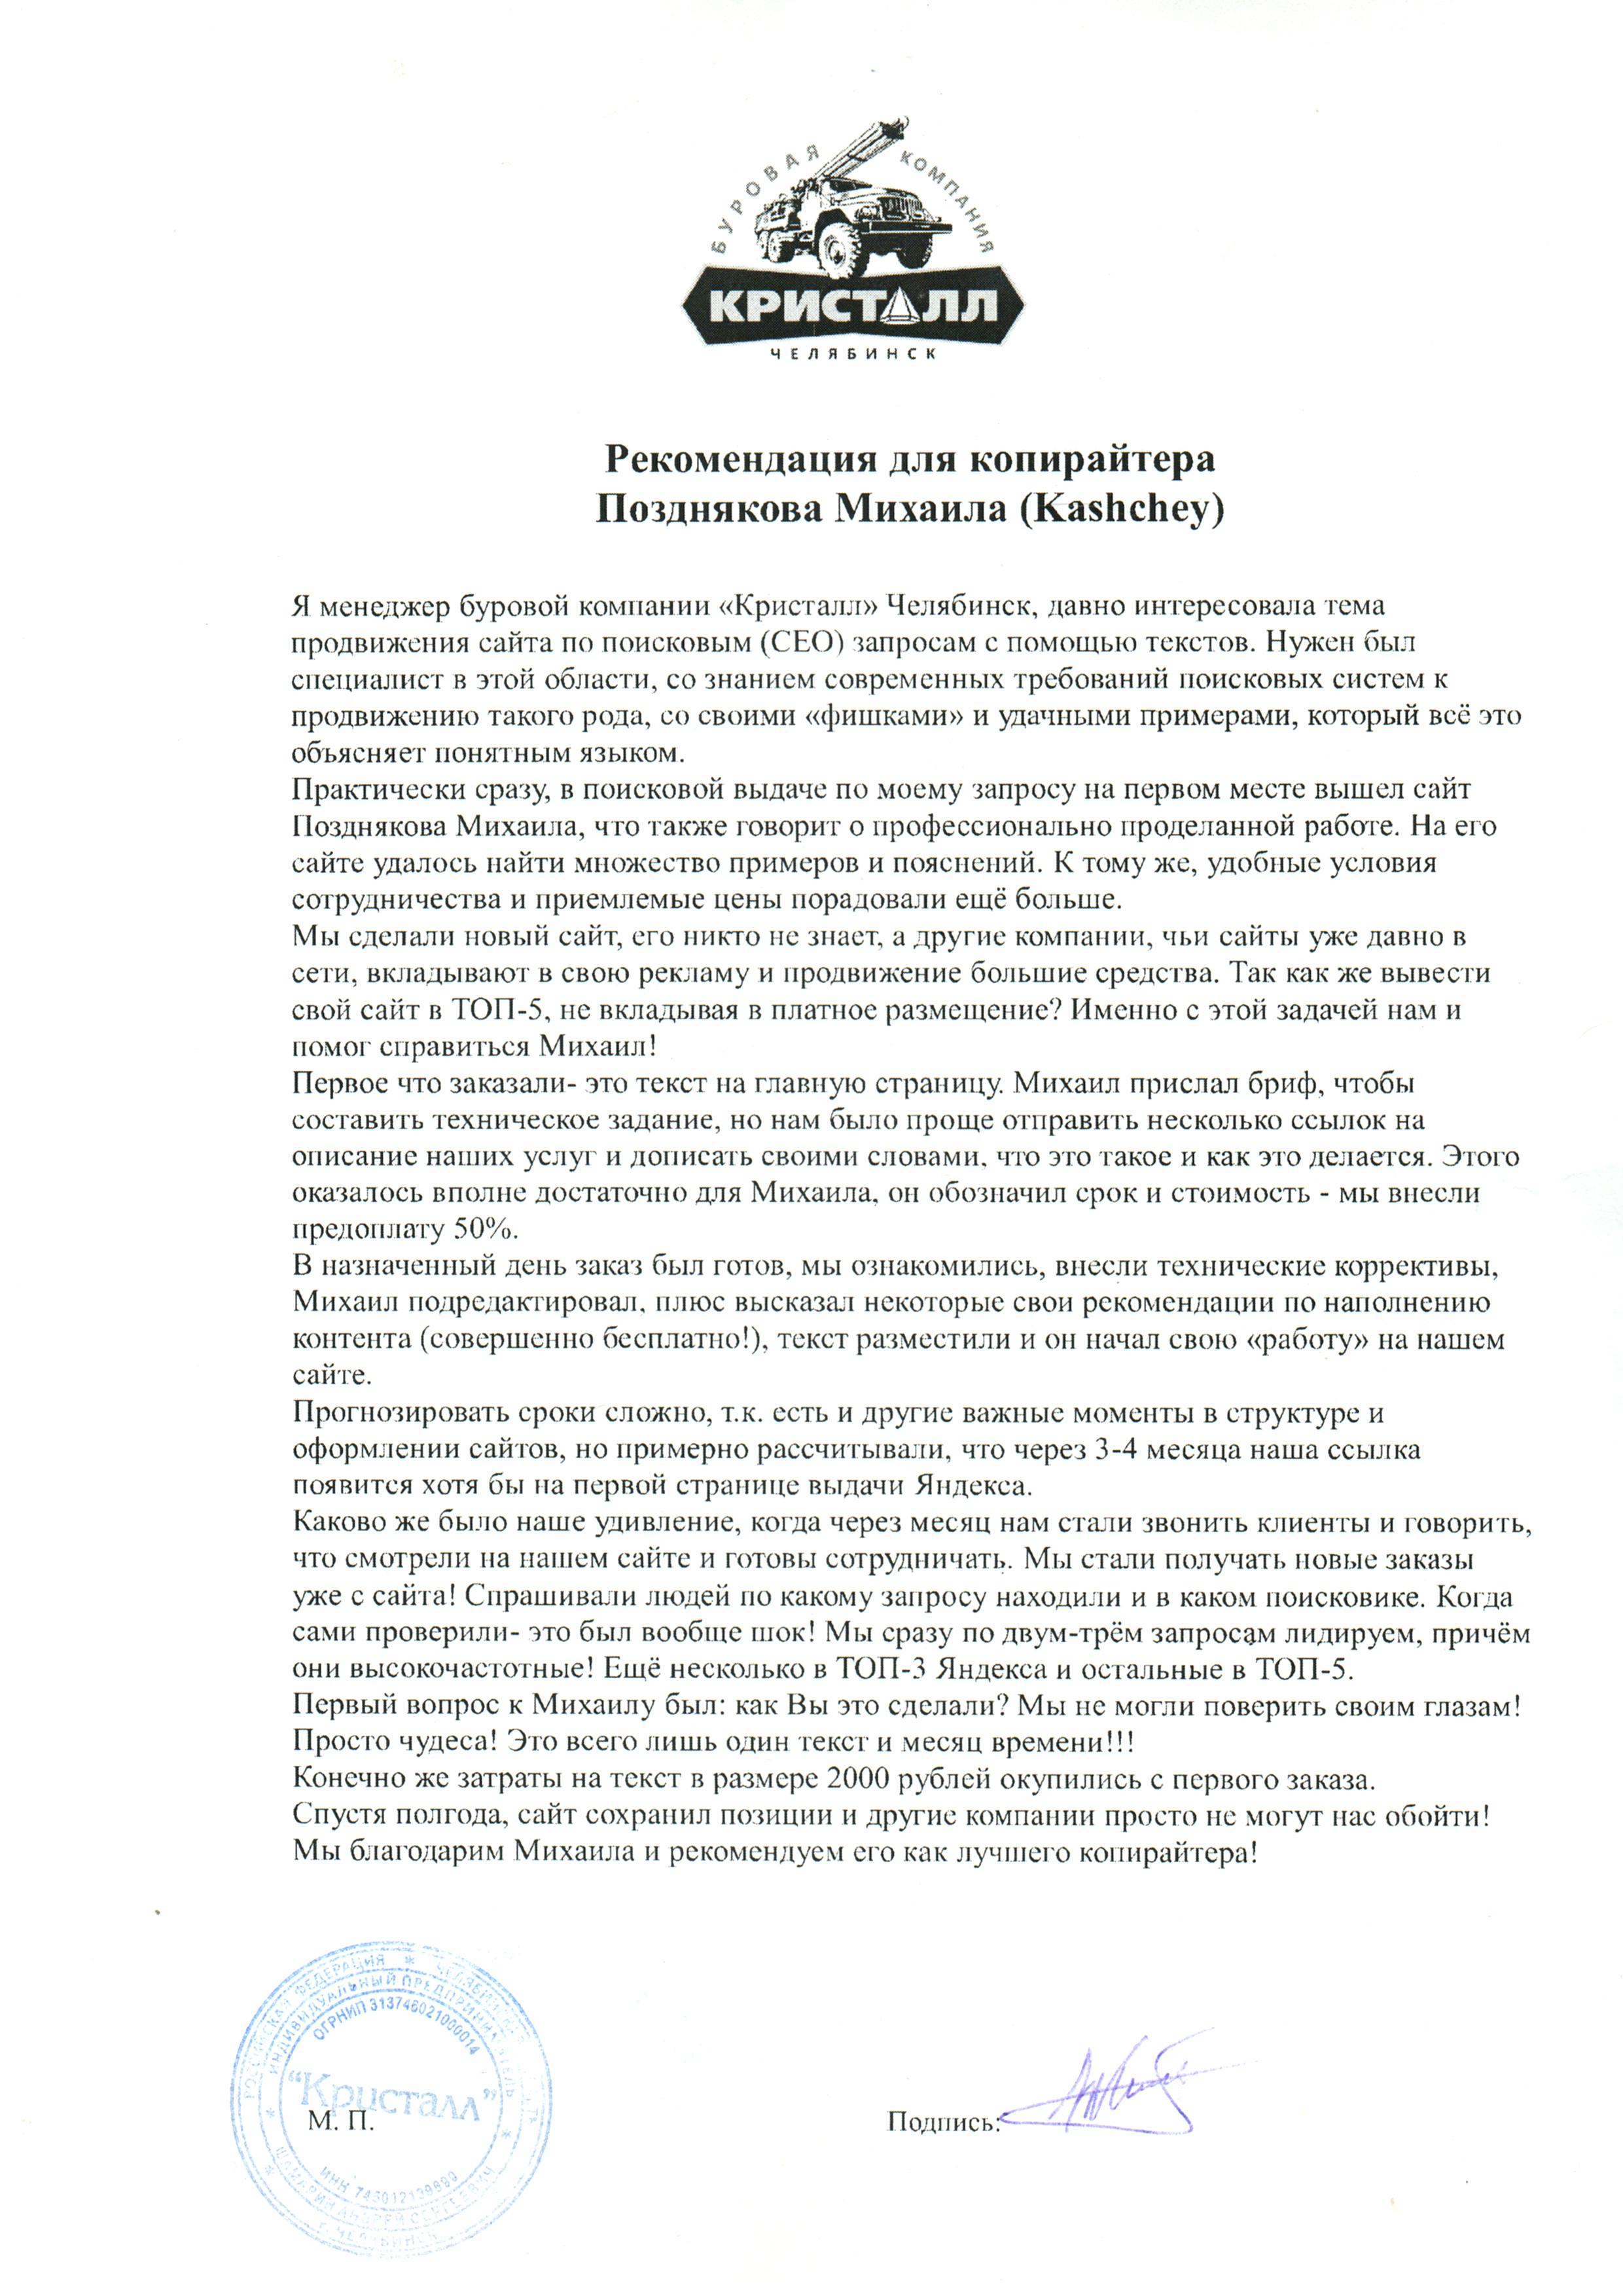 Поздняков Михаил Сергеевич копирайтер отзывы рекомедация